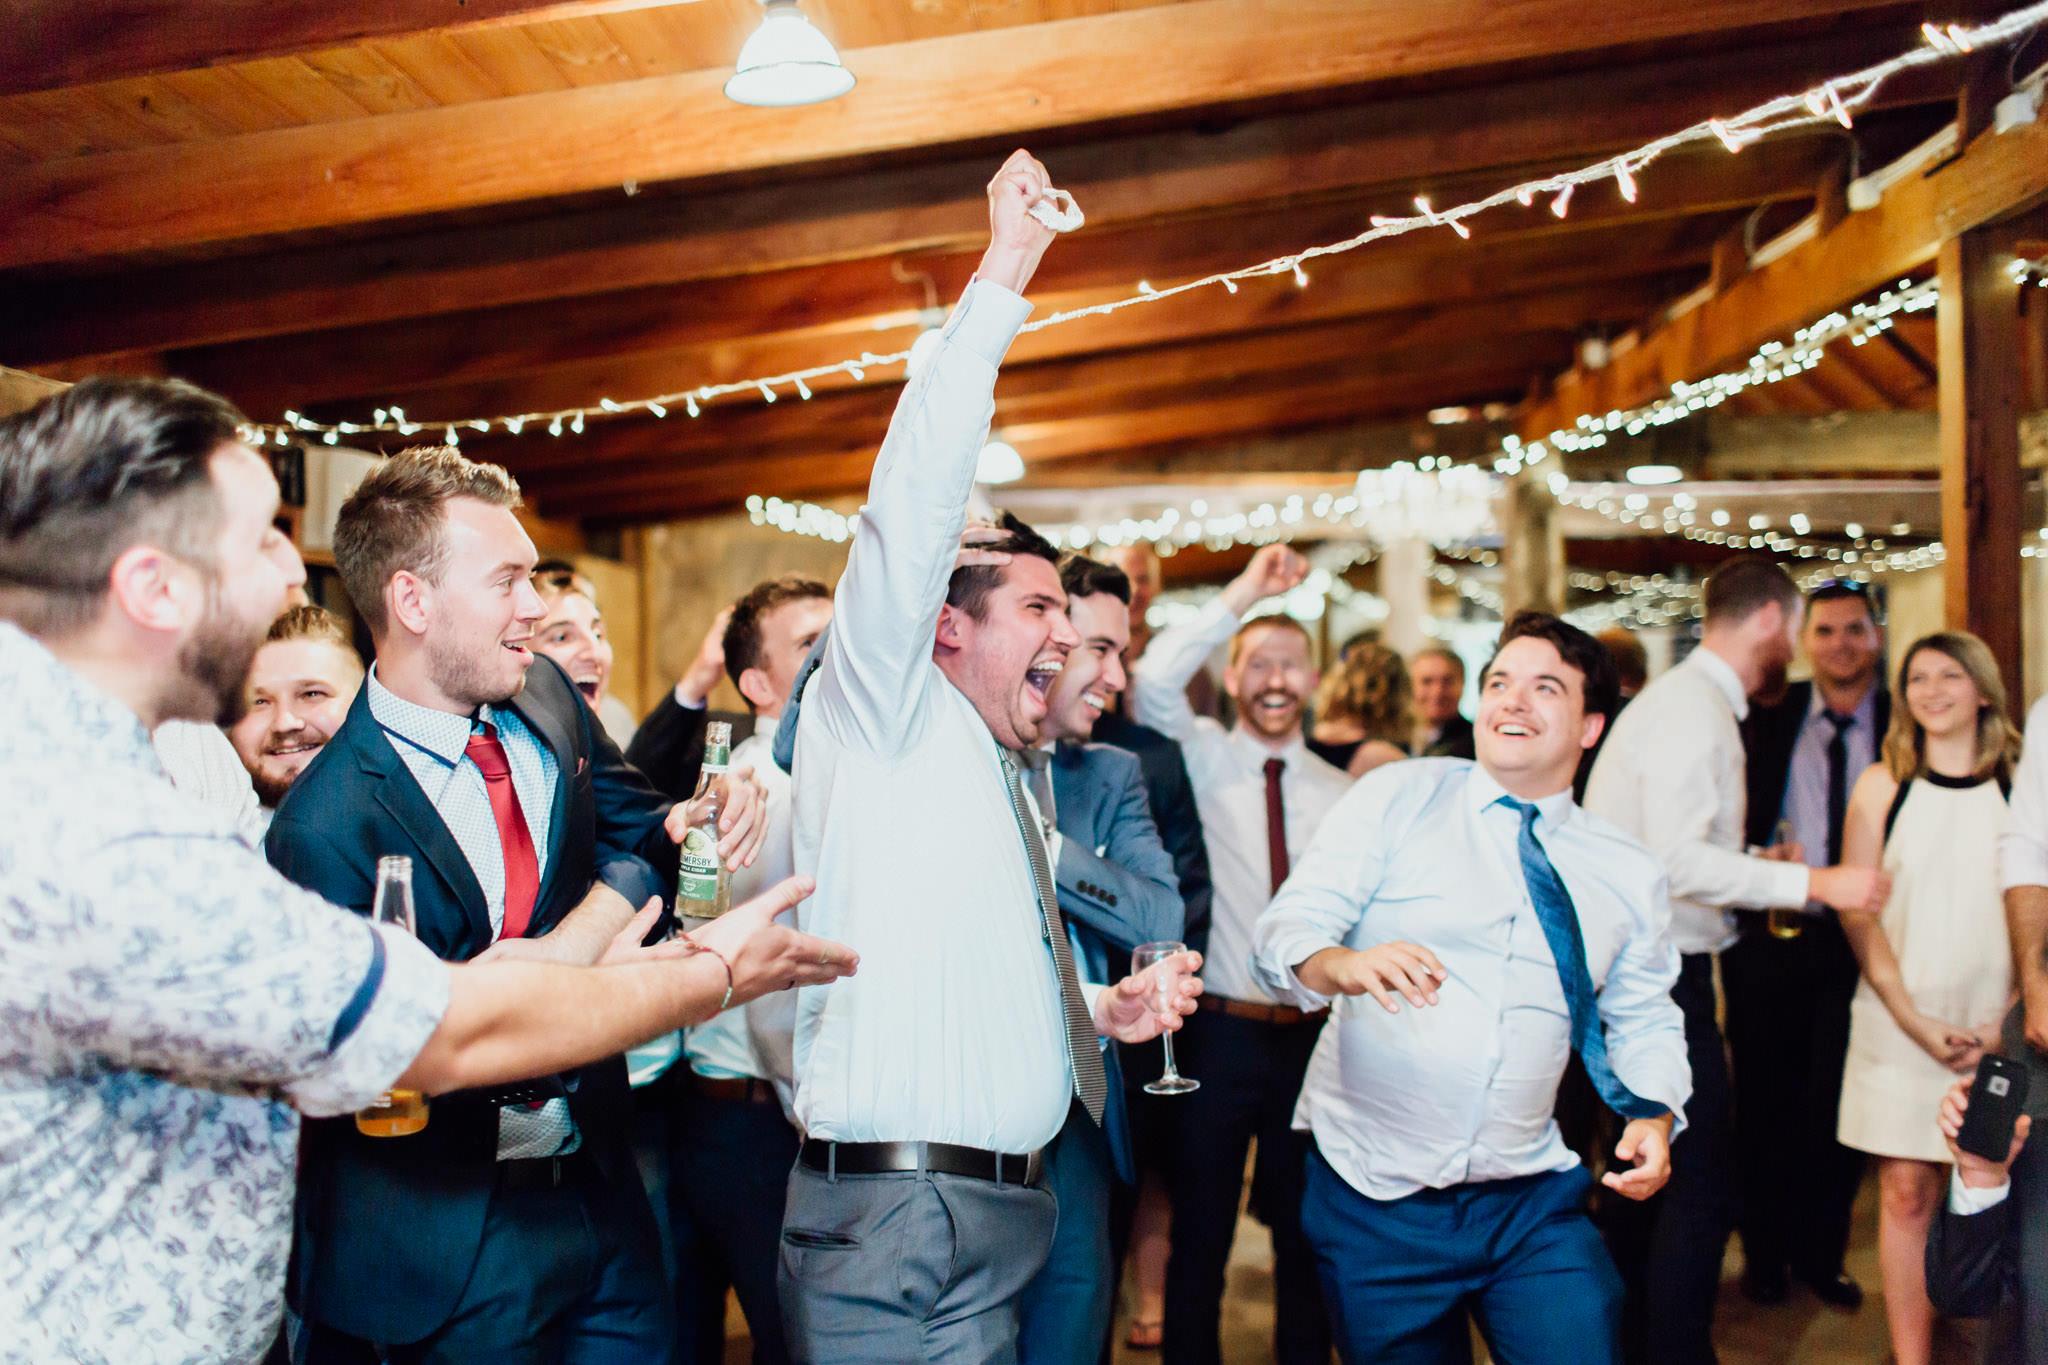 WeddingPhotos_Facebook_2048pixels-1168.jpg